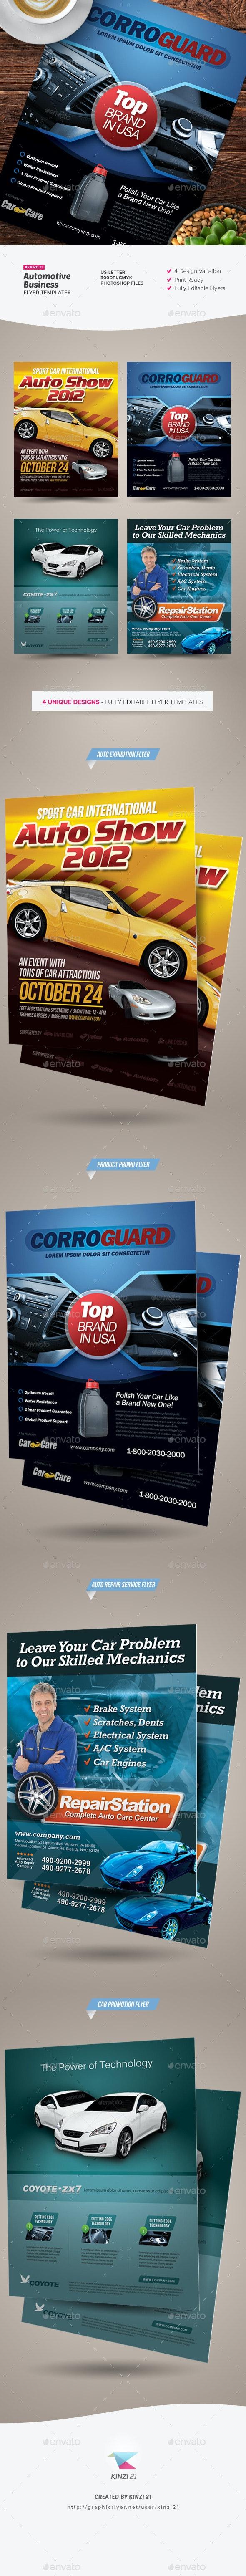 Premium Automotive Business Flyers - Corporate Flyers